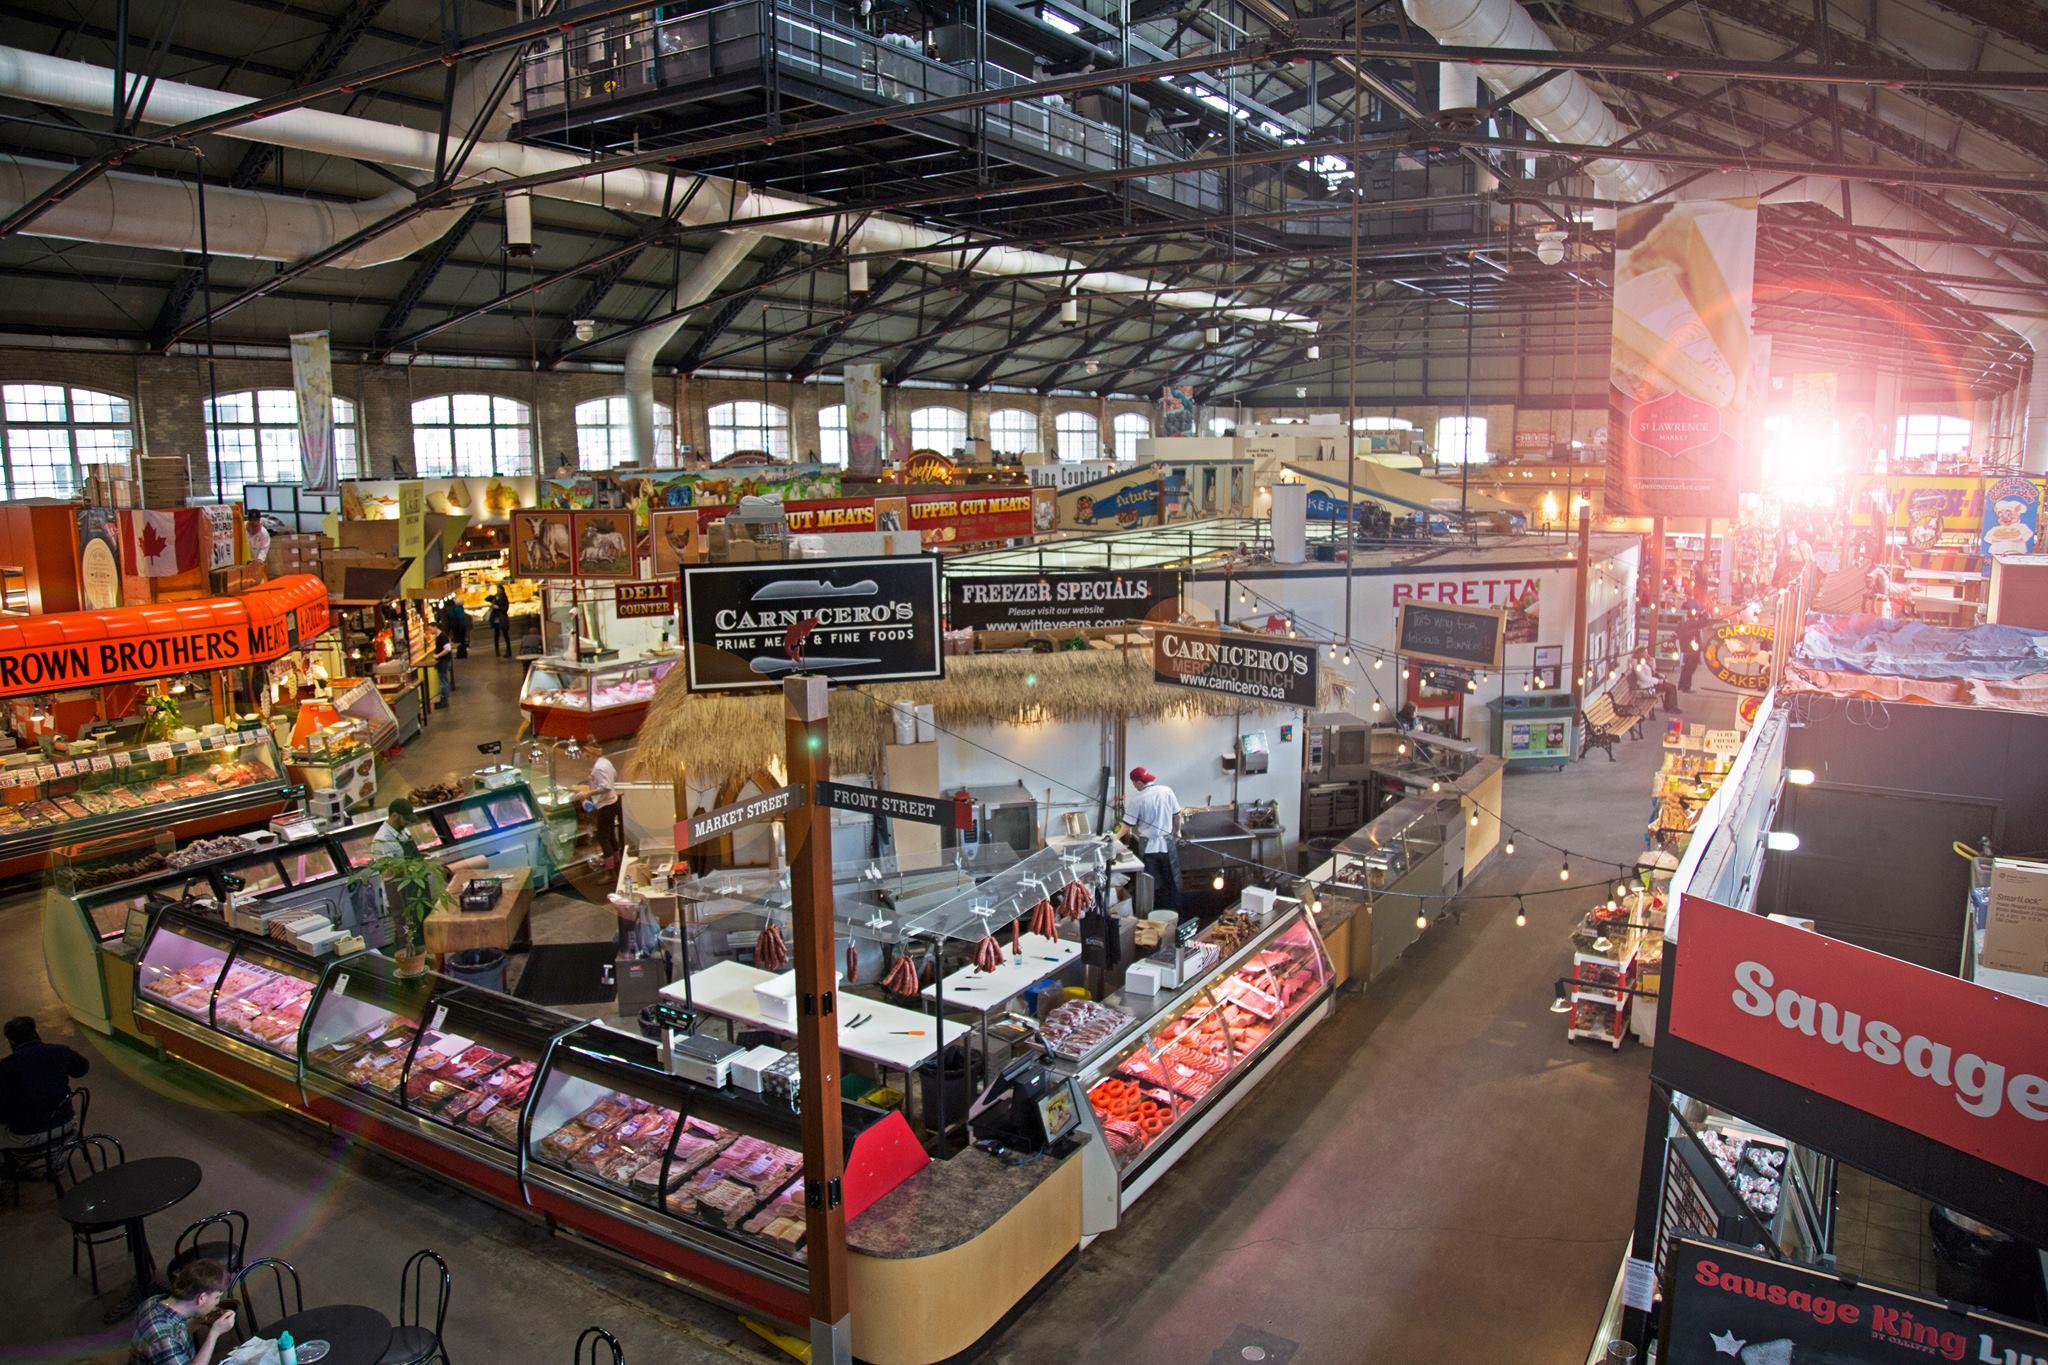 Le St-Laruence market de Toronto regroupe plusieurs marchands dont la boulangerie Caroussel Bakery qui lancé le fameux peameal sandwich PhotoÈ Facebook St-Lawrence market